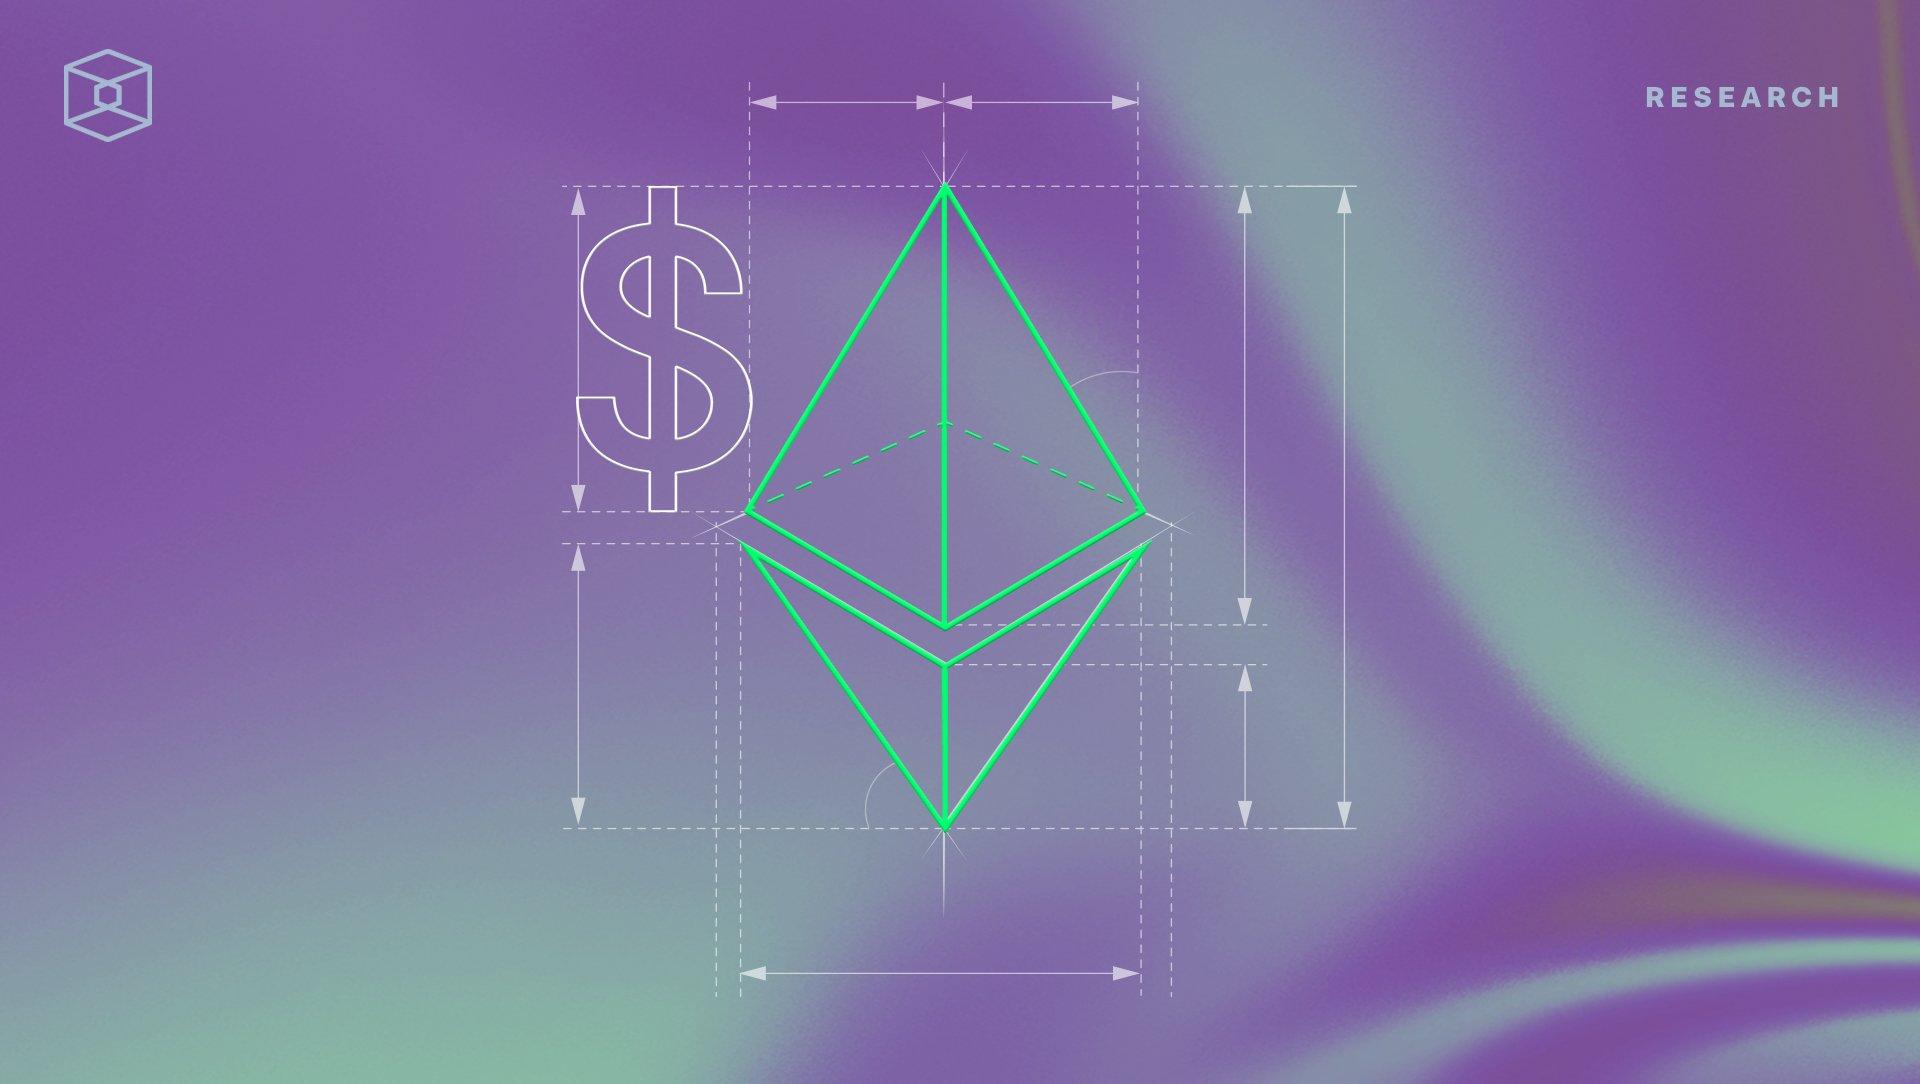 Cómo construir un protocolo de moneda estable a partir del arbitraje de tasas de financiación